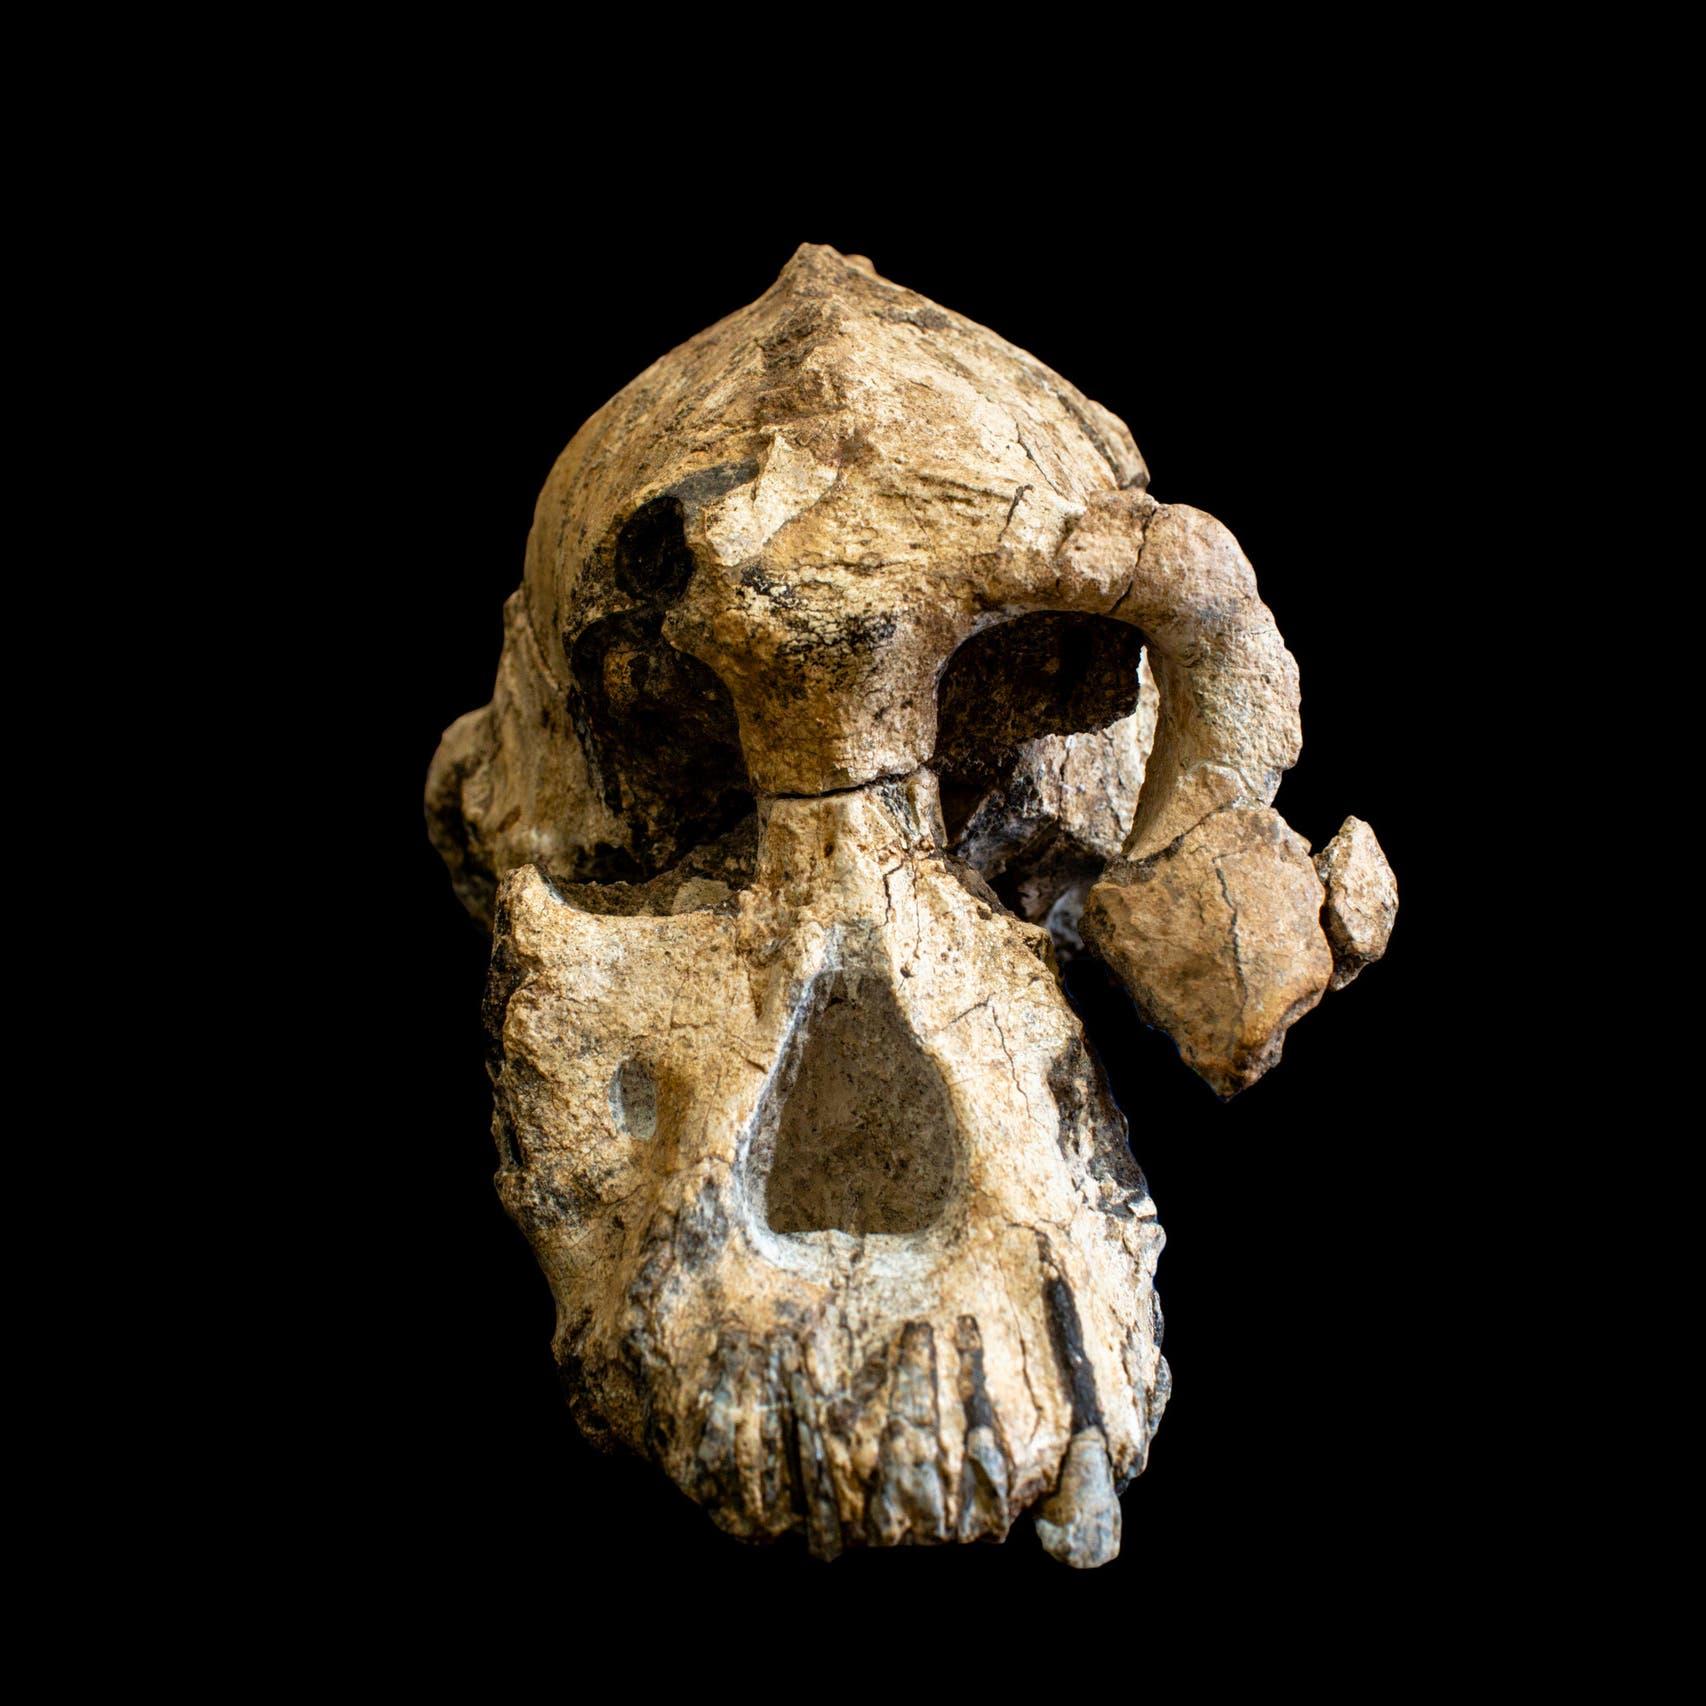 اكتشاف صادم.. جمجمة توضح مخ وأكل ووجه البشر الأوائل